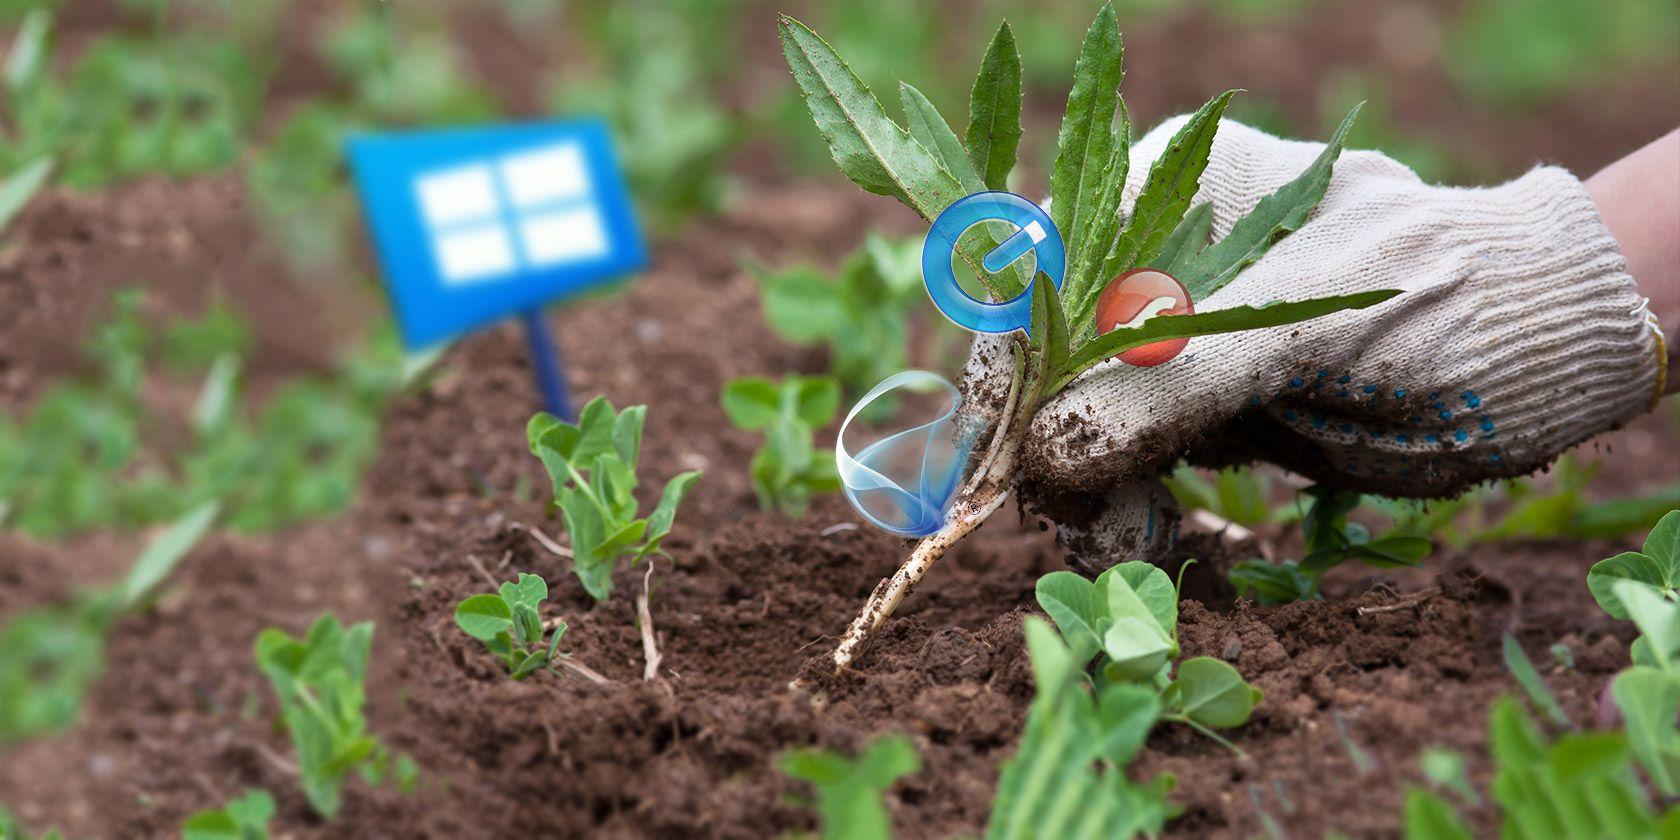 برنامههای اضافی و غیرضروری ویندوز ۱۰ که باید از روی سیستم خود حذف کنید